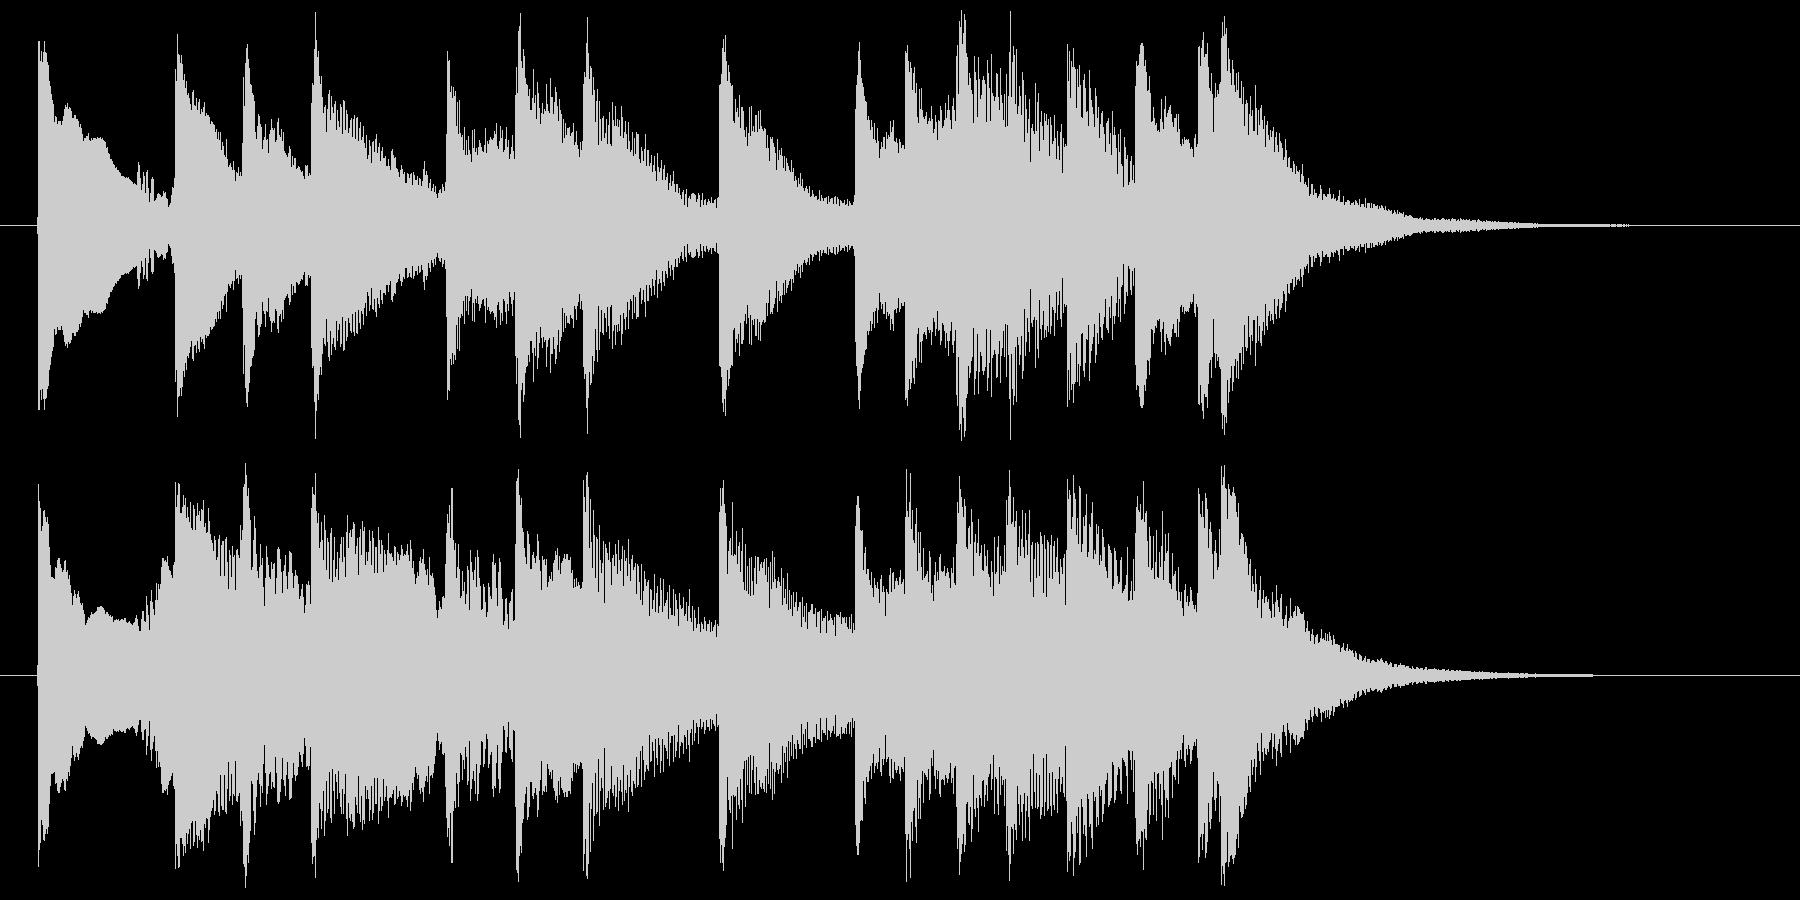 琴・尺八の純和風サウンドジングルの未再生の波形